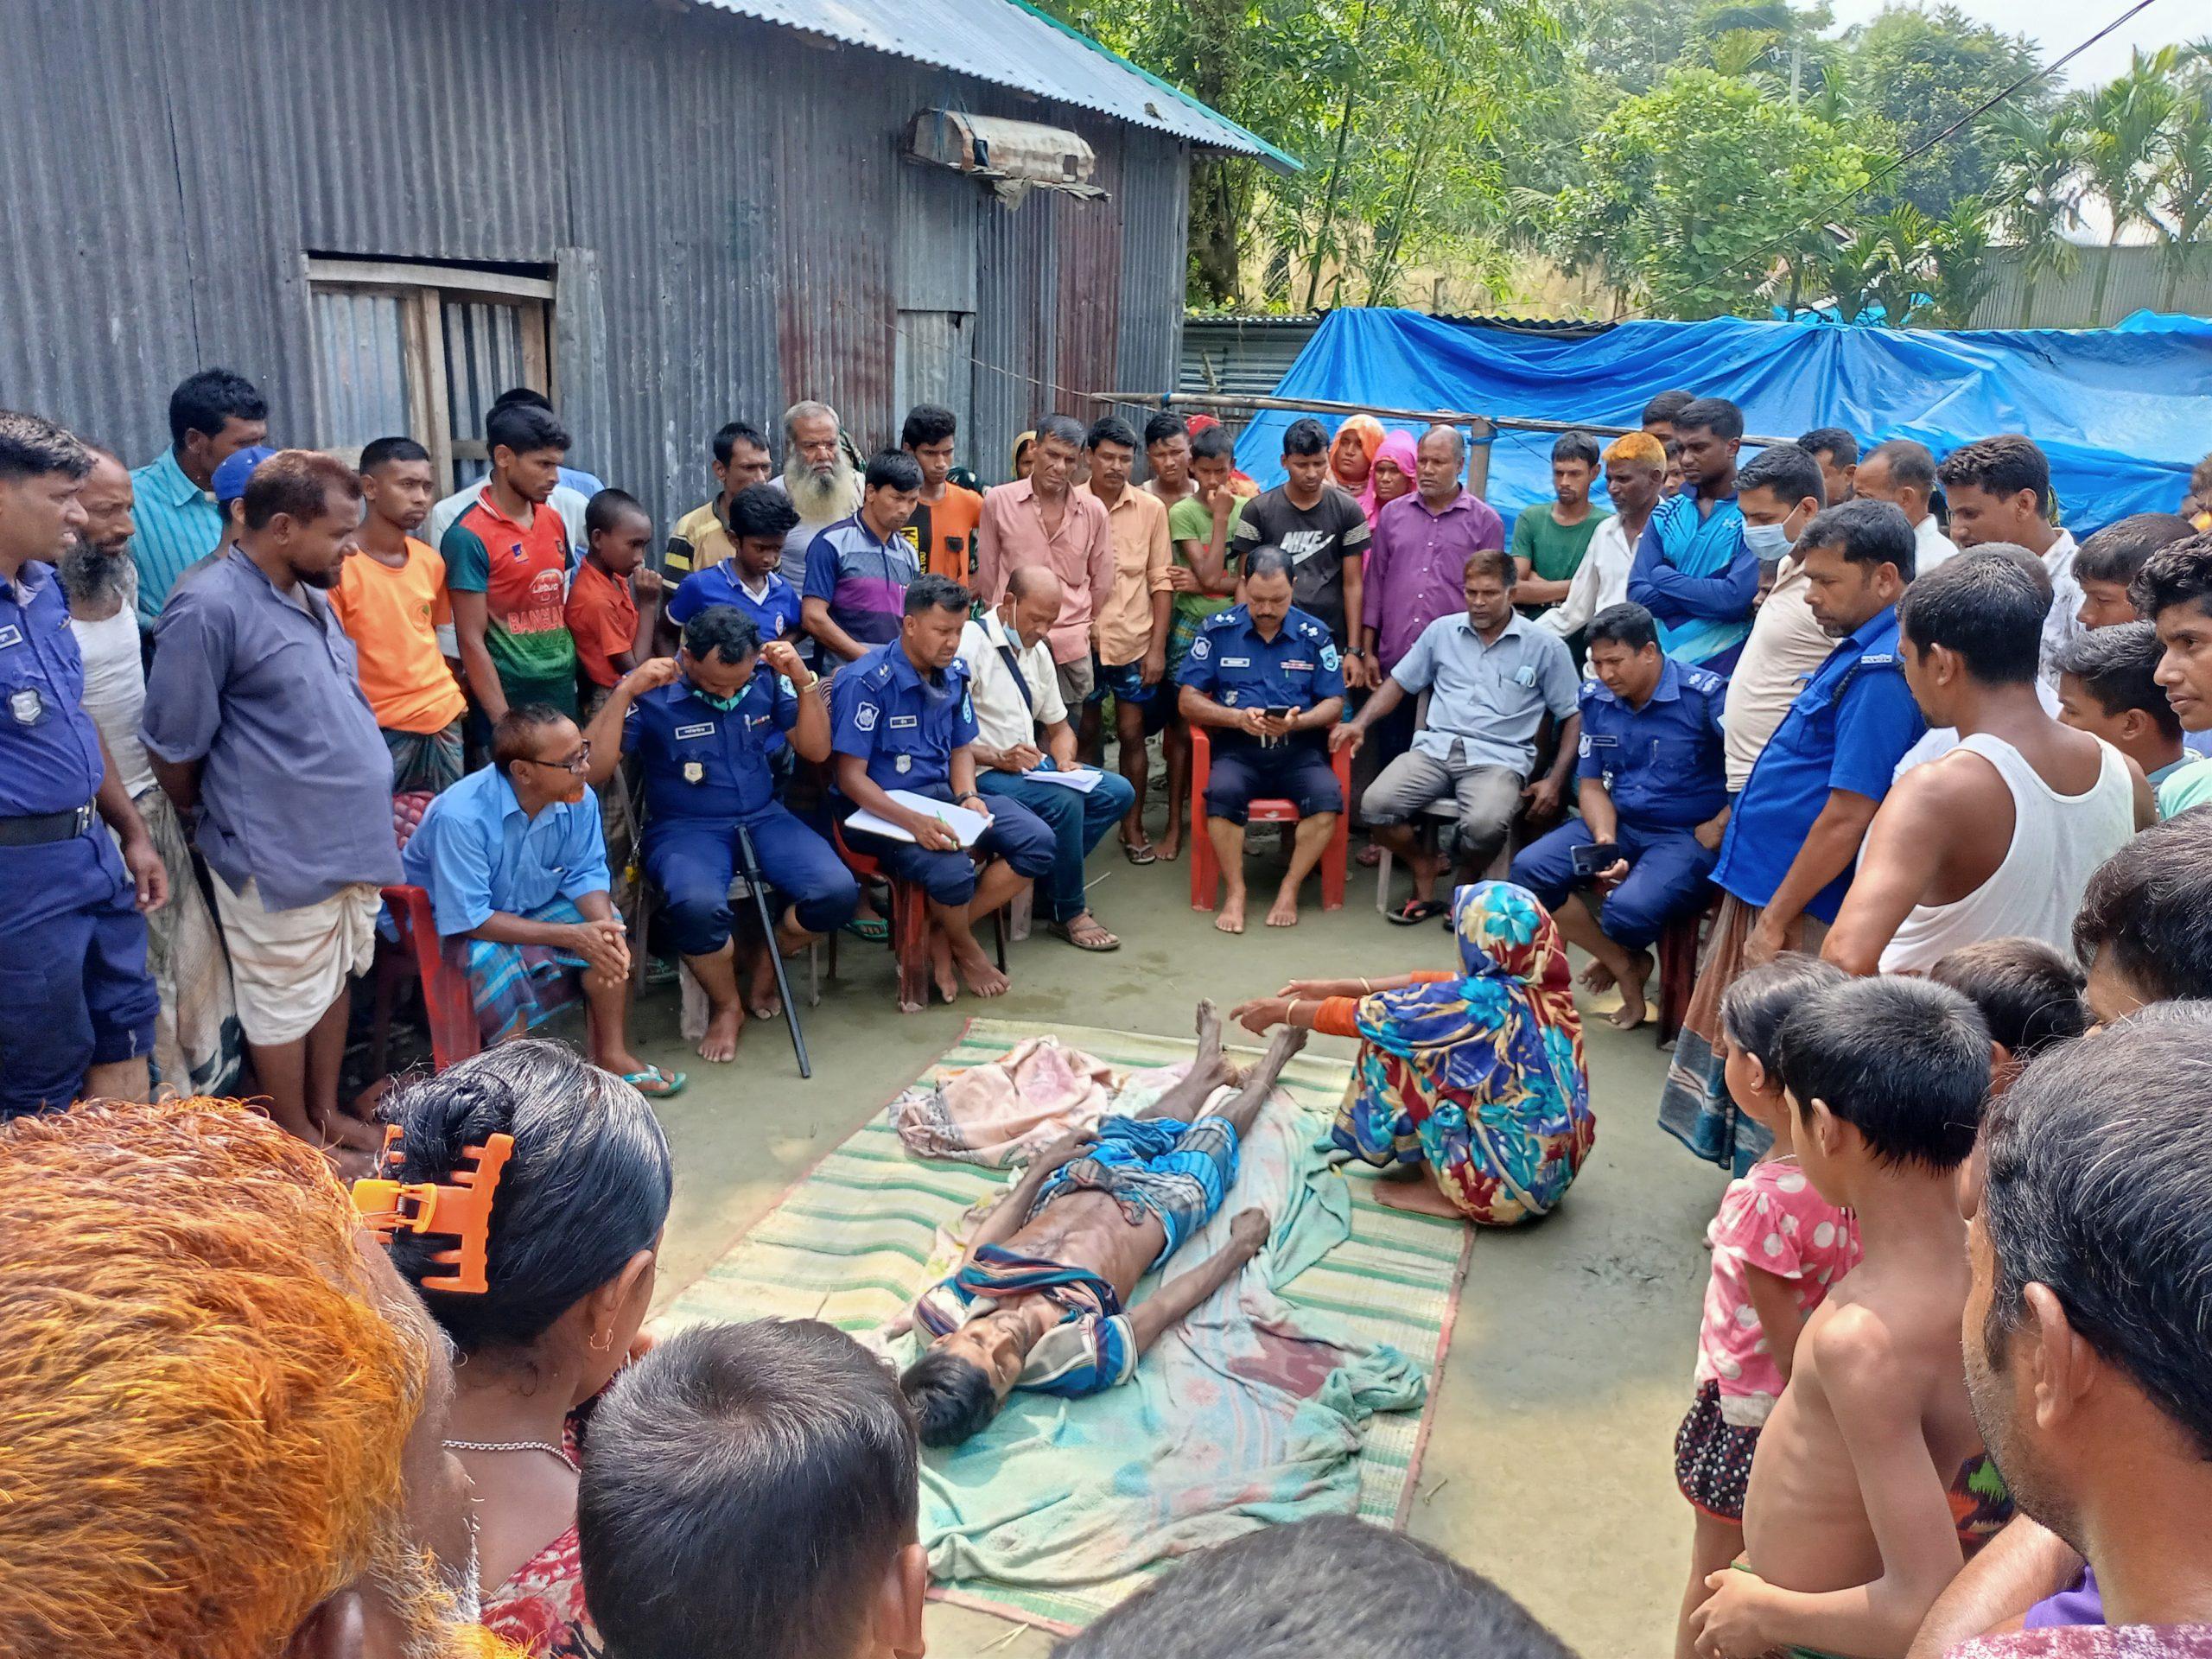 কুড়িগ্রাম সীমান্তে বিএসএফে, গুলিতে এক বাংলাদেশি নিহত